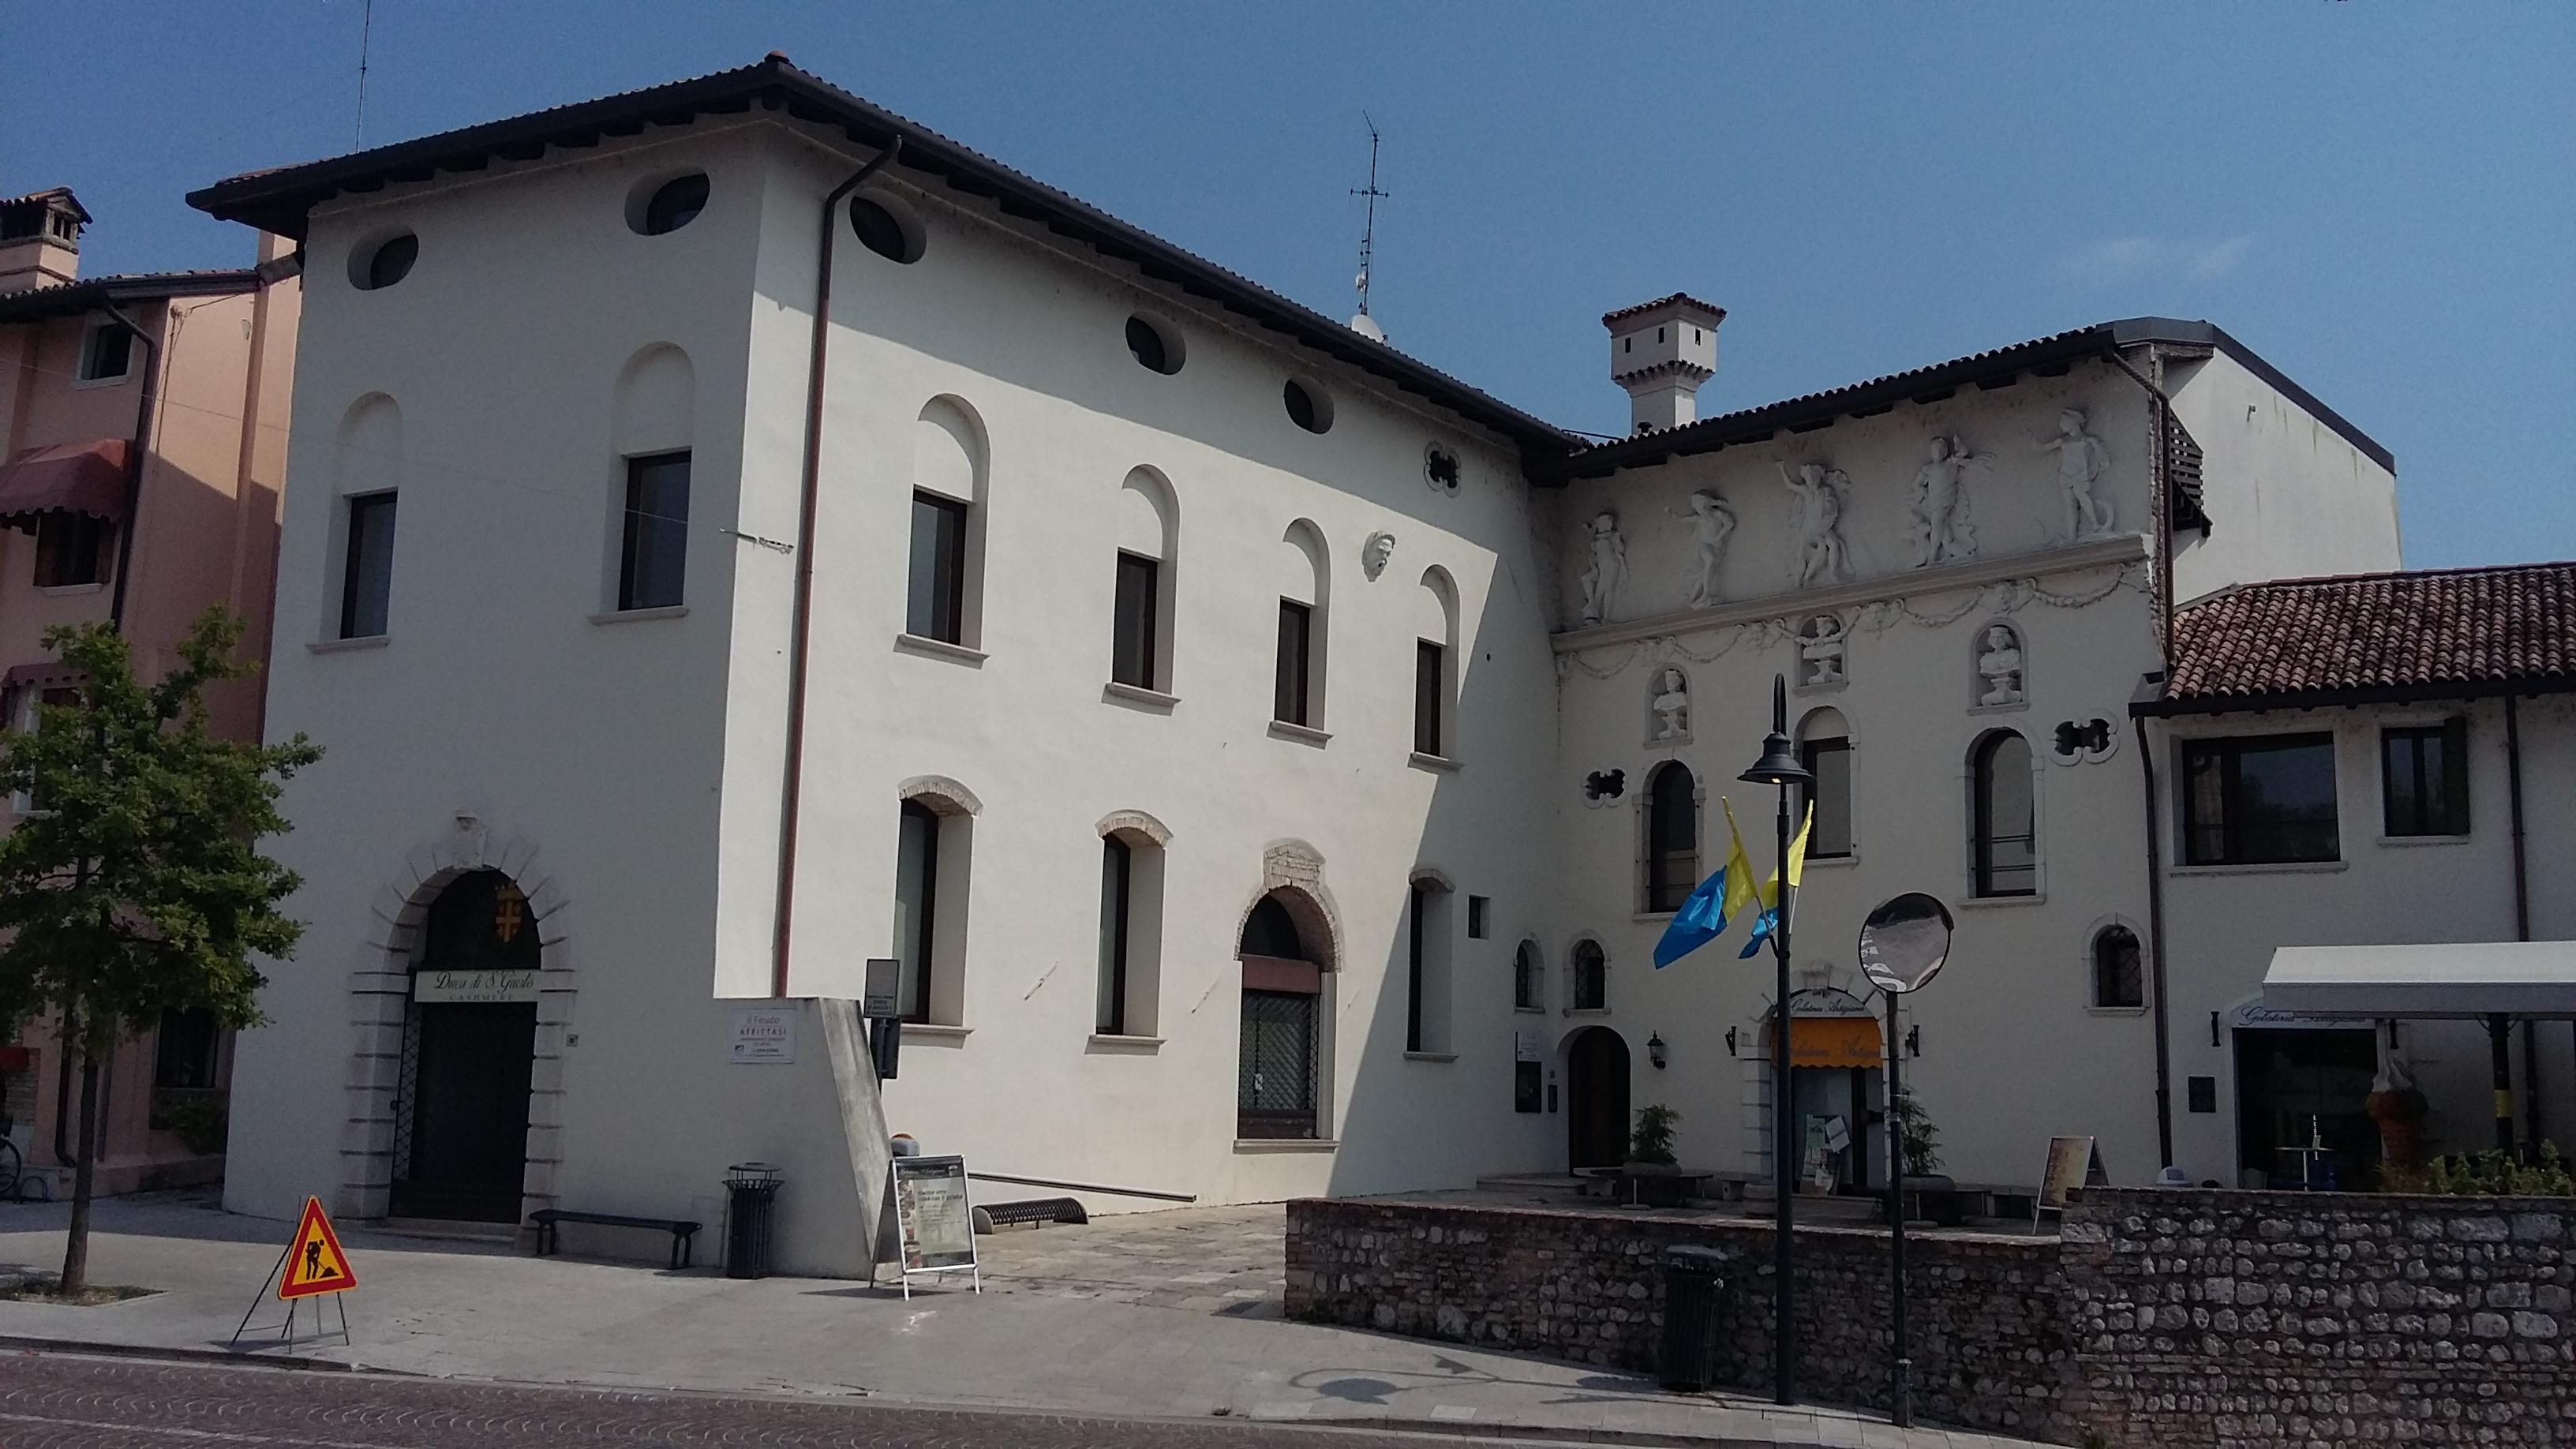 Ufficio Porcia